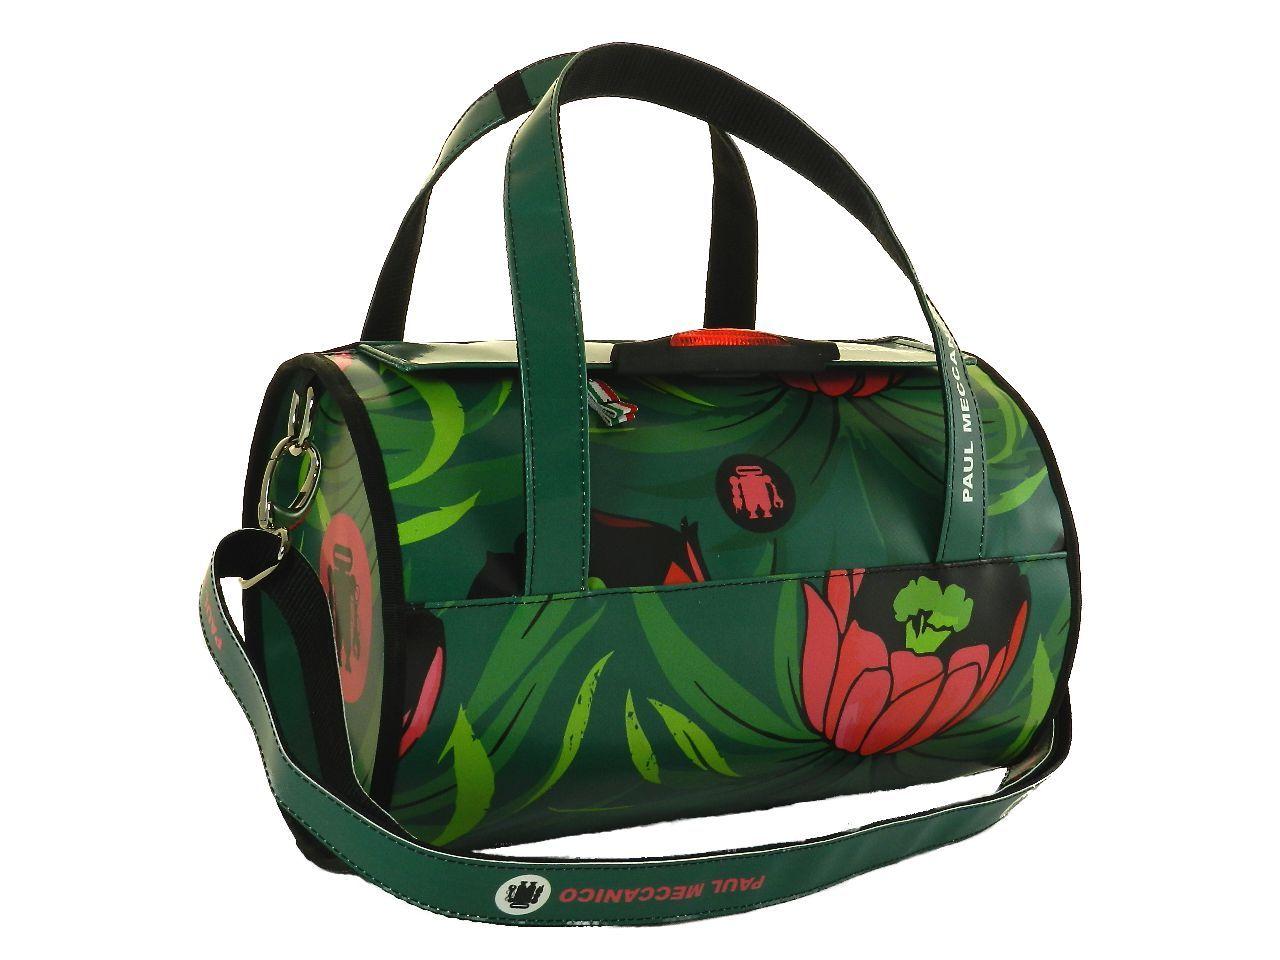 4fcf52f1f7 Borsa bauletto donna color verde con fantasia bosco. Pezzo unico al mondo  by Paul Meccanico.